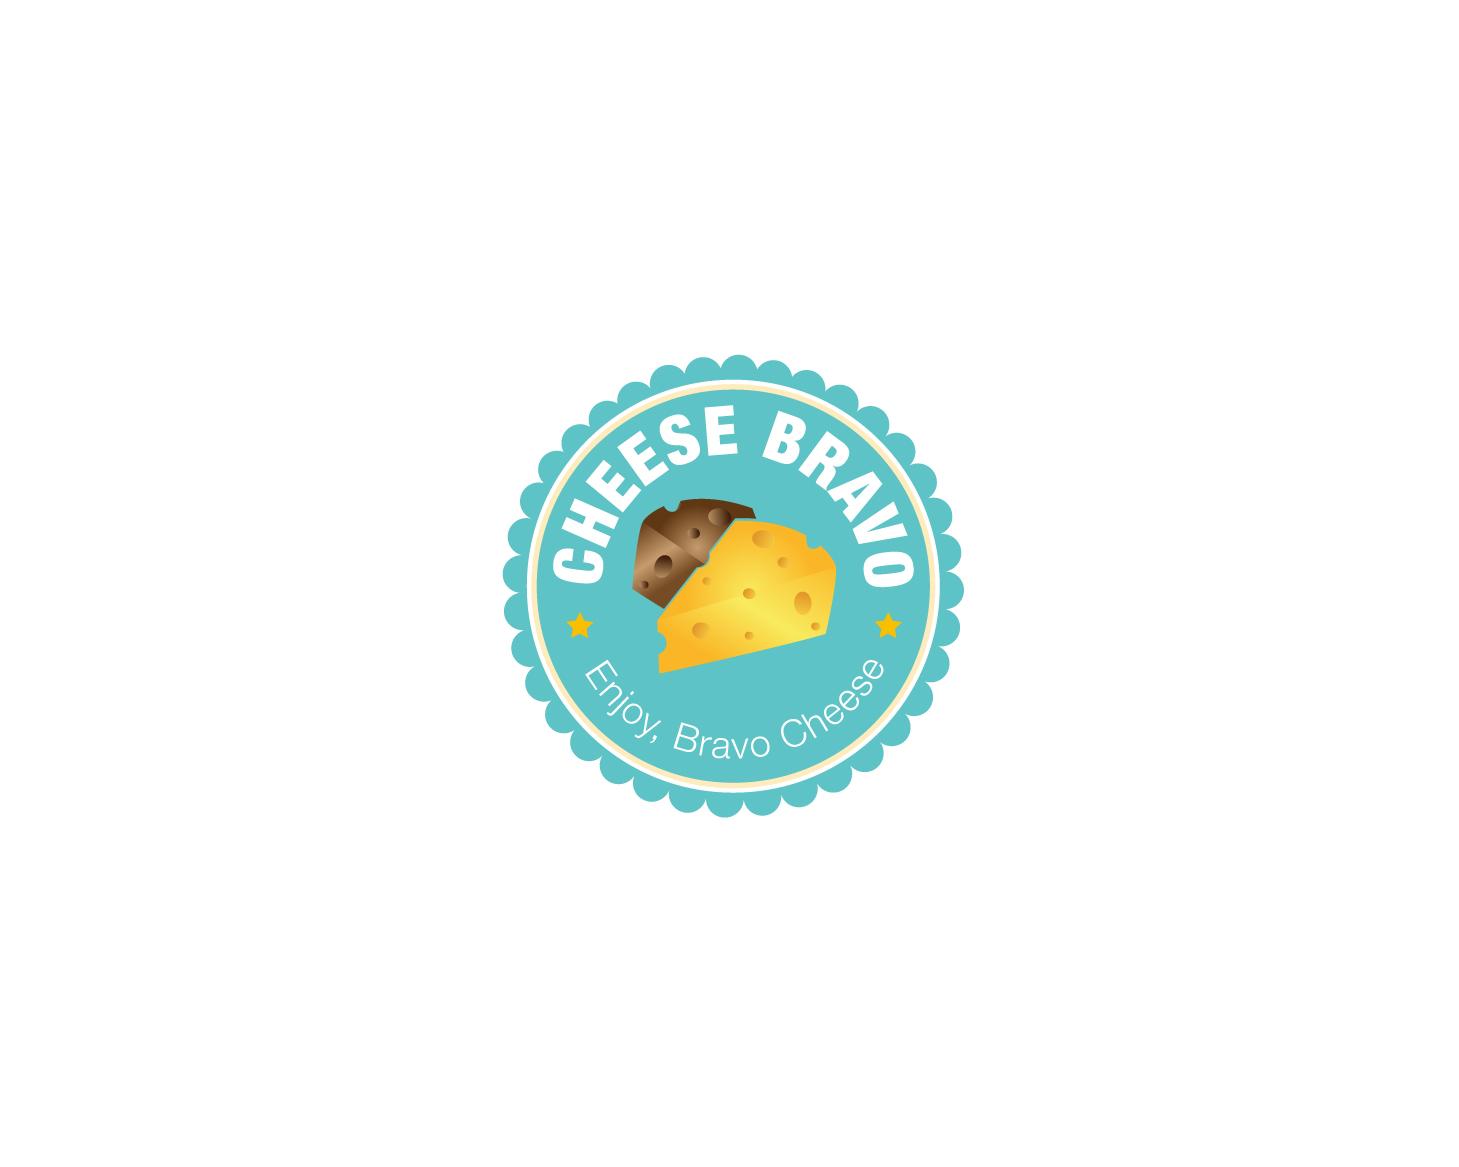 Cheese_bravo_2